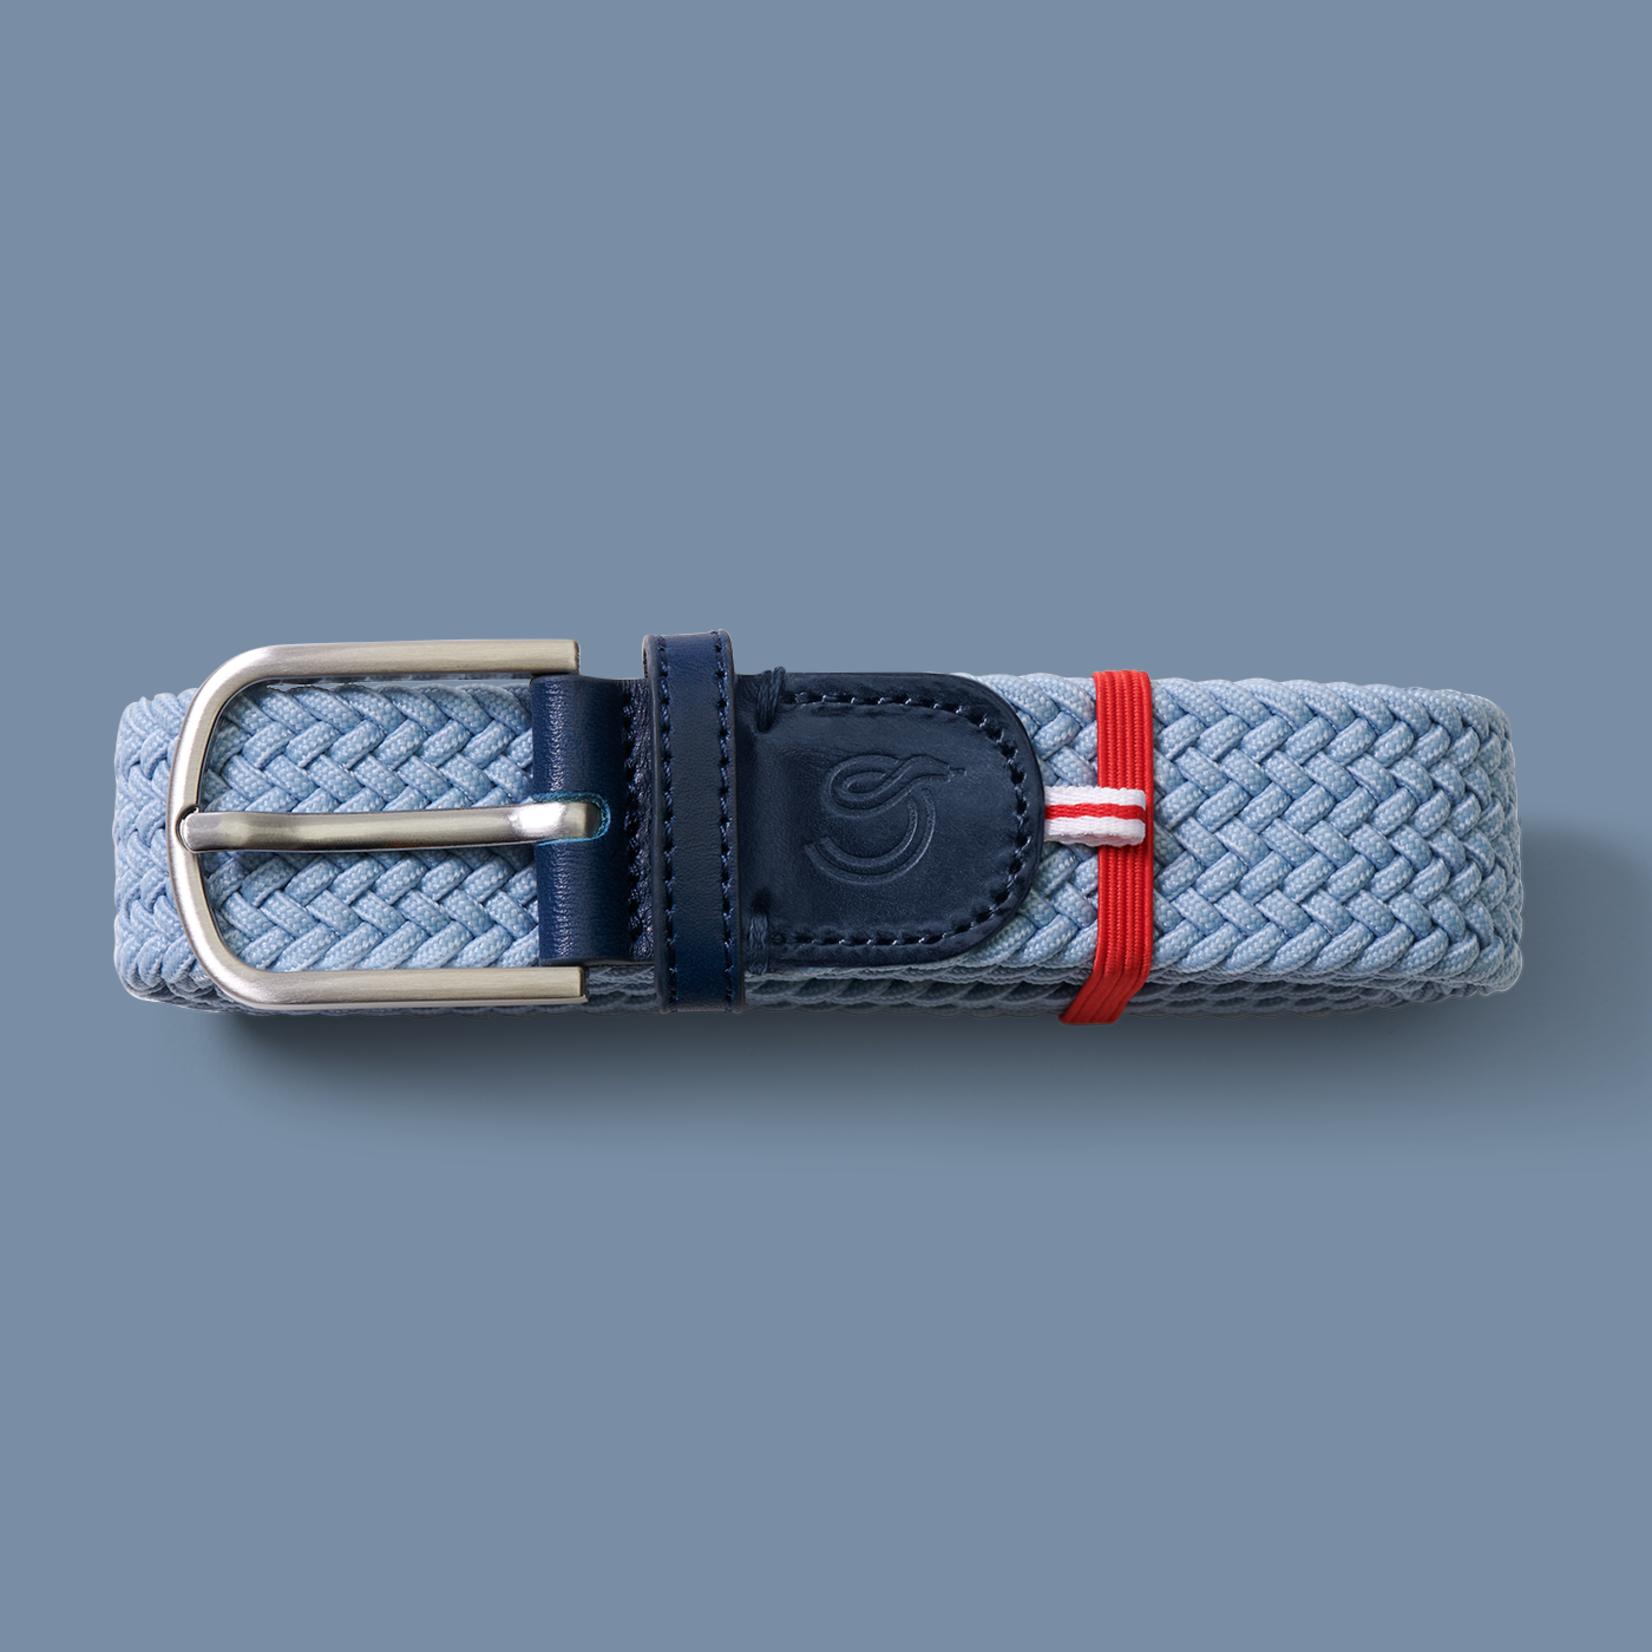 Riem Originale Portofino (B32 L105cm)